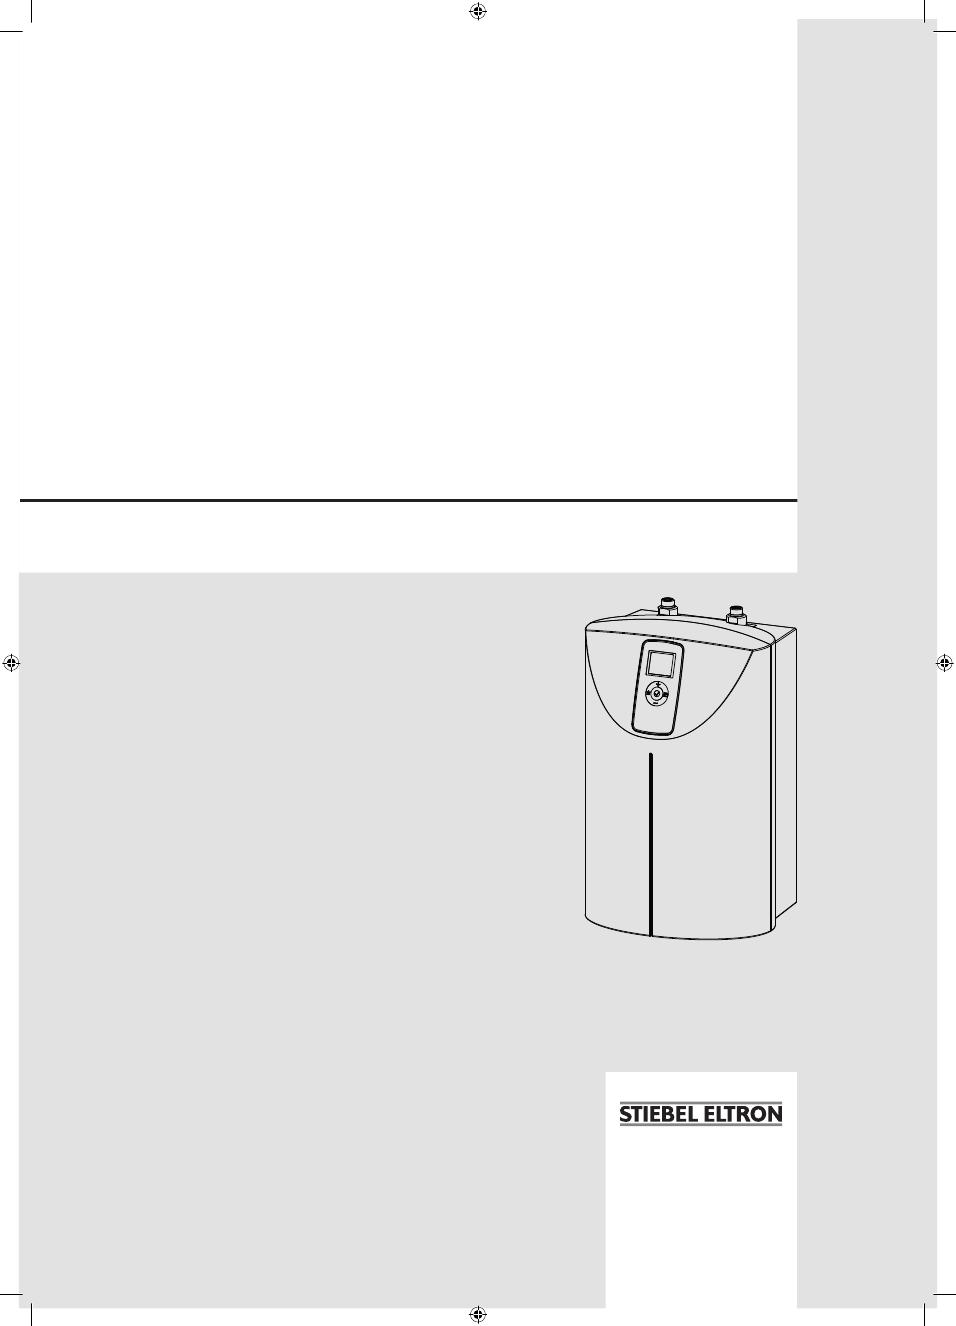 Gebrauchsinformation / Datenblatt zu Stiebel Eltron SNE 20 t ECO